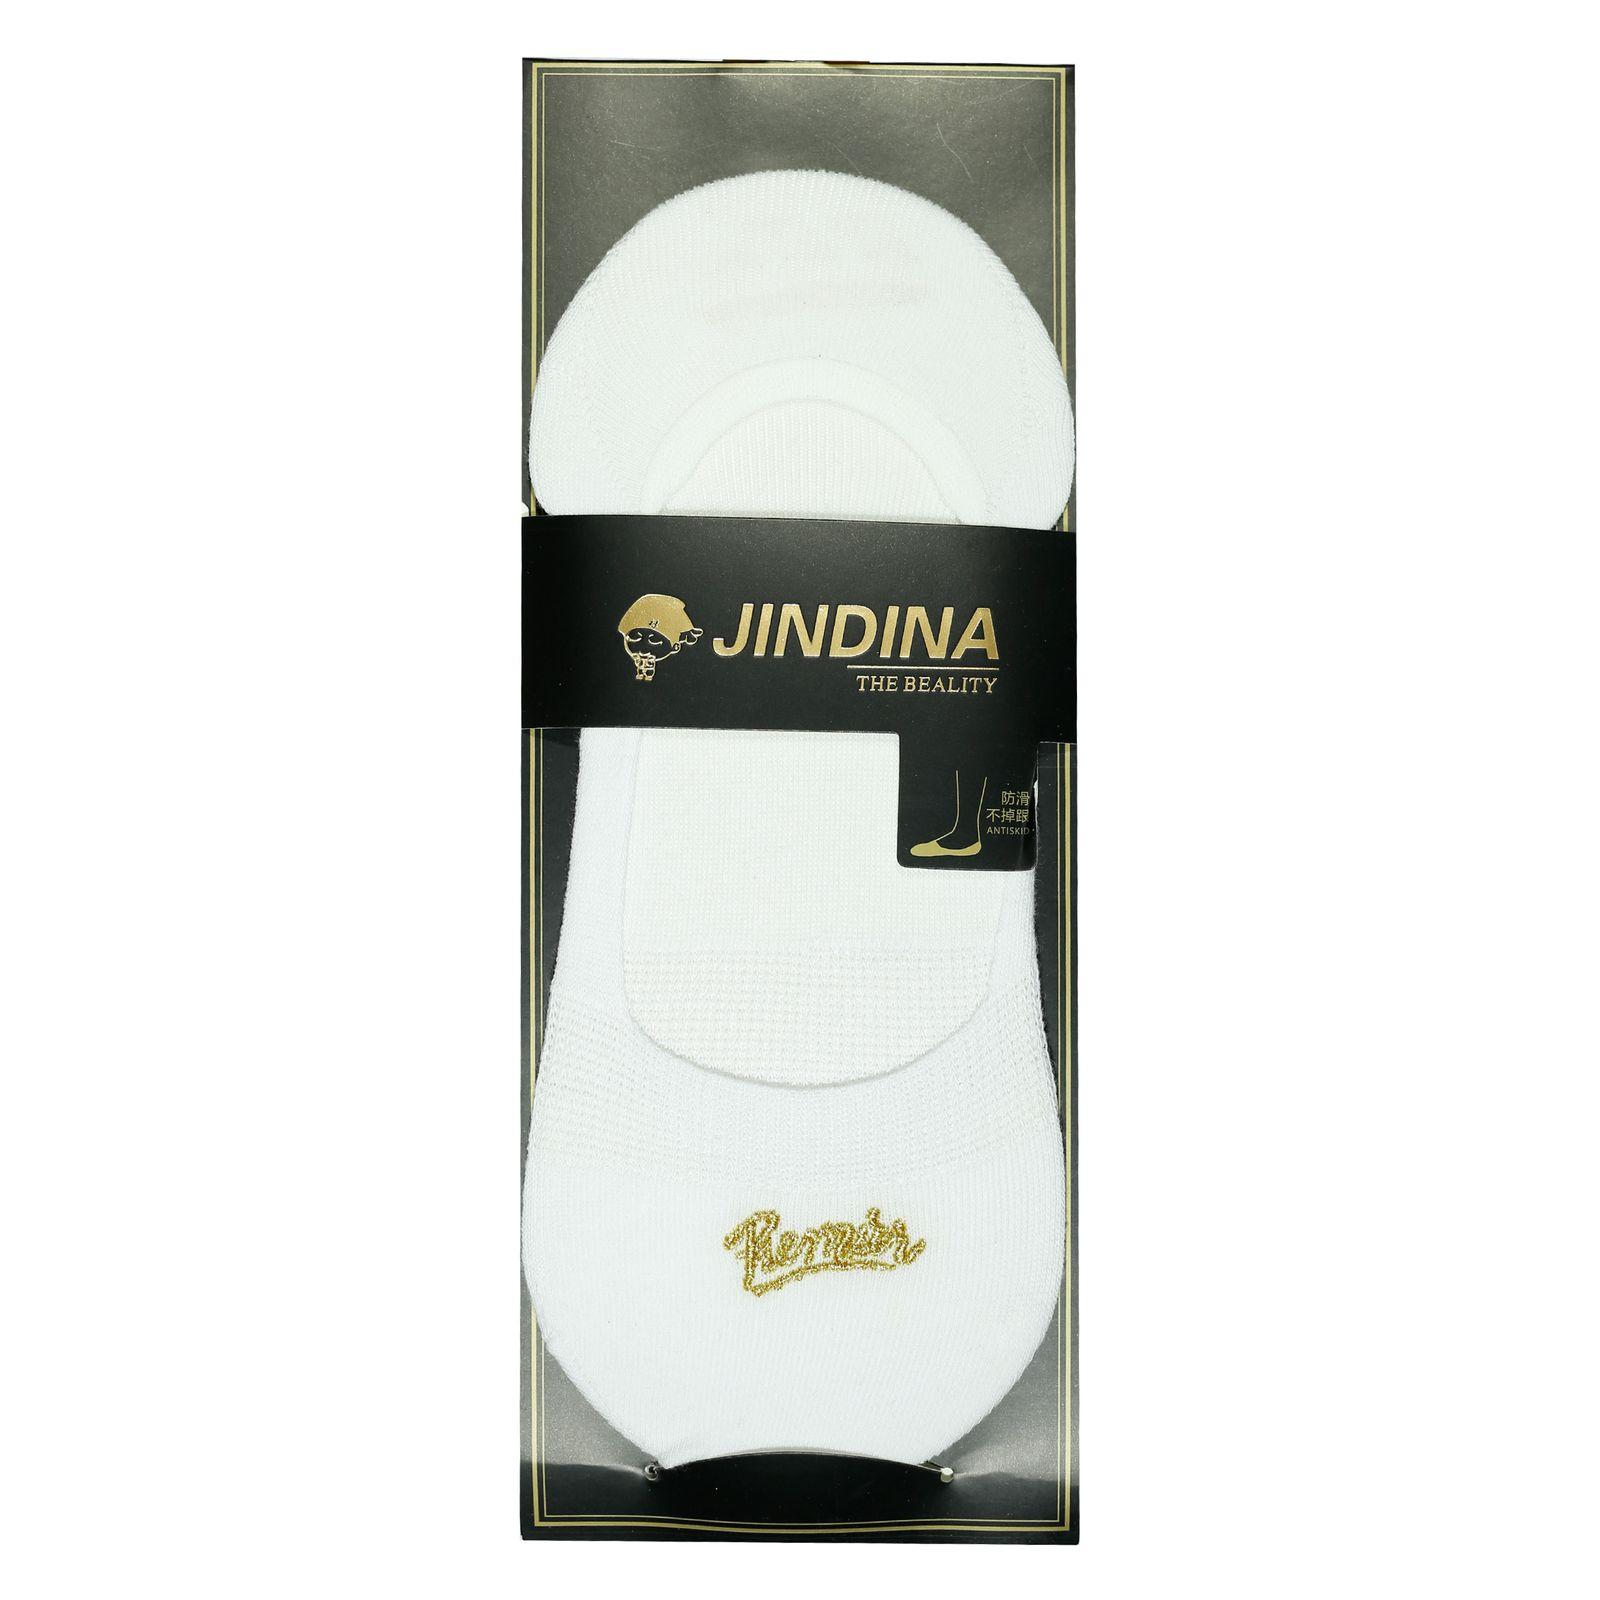 جوراب مردانه جین دینا کد RG-CK 106 -  - 3